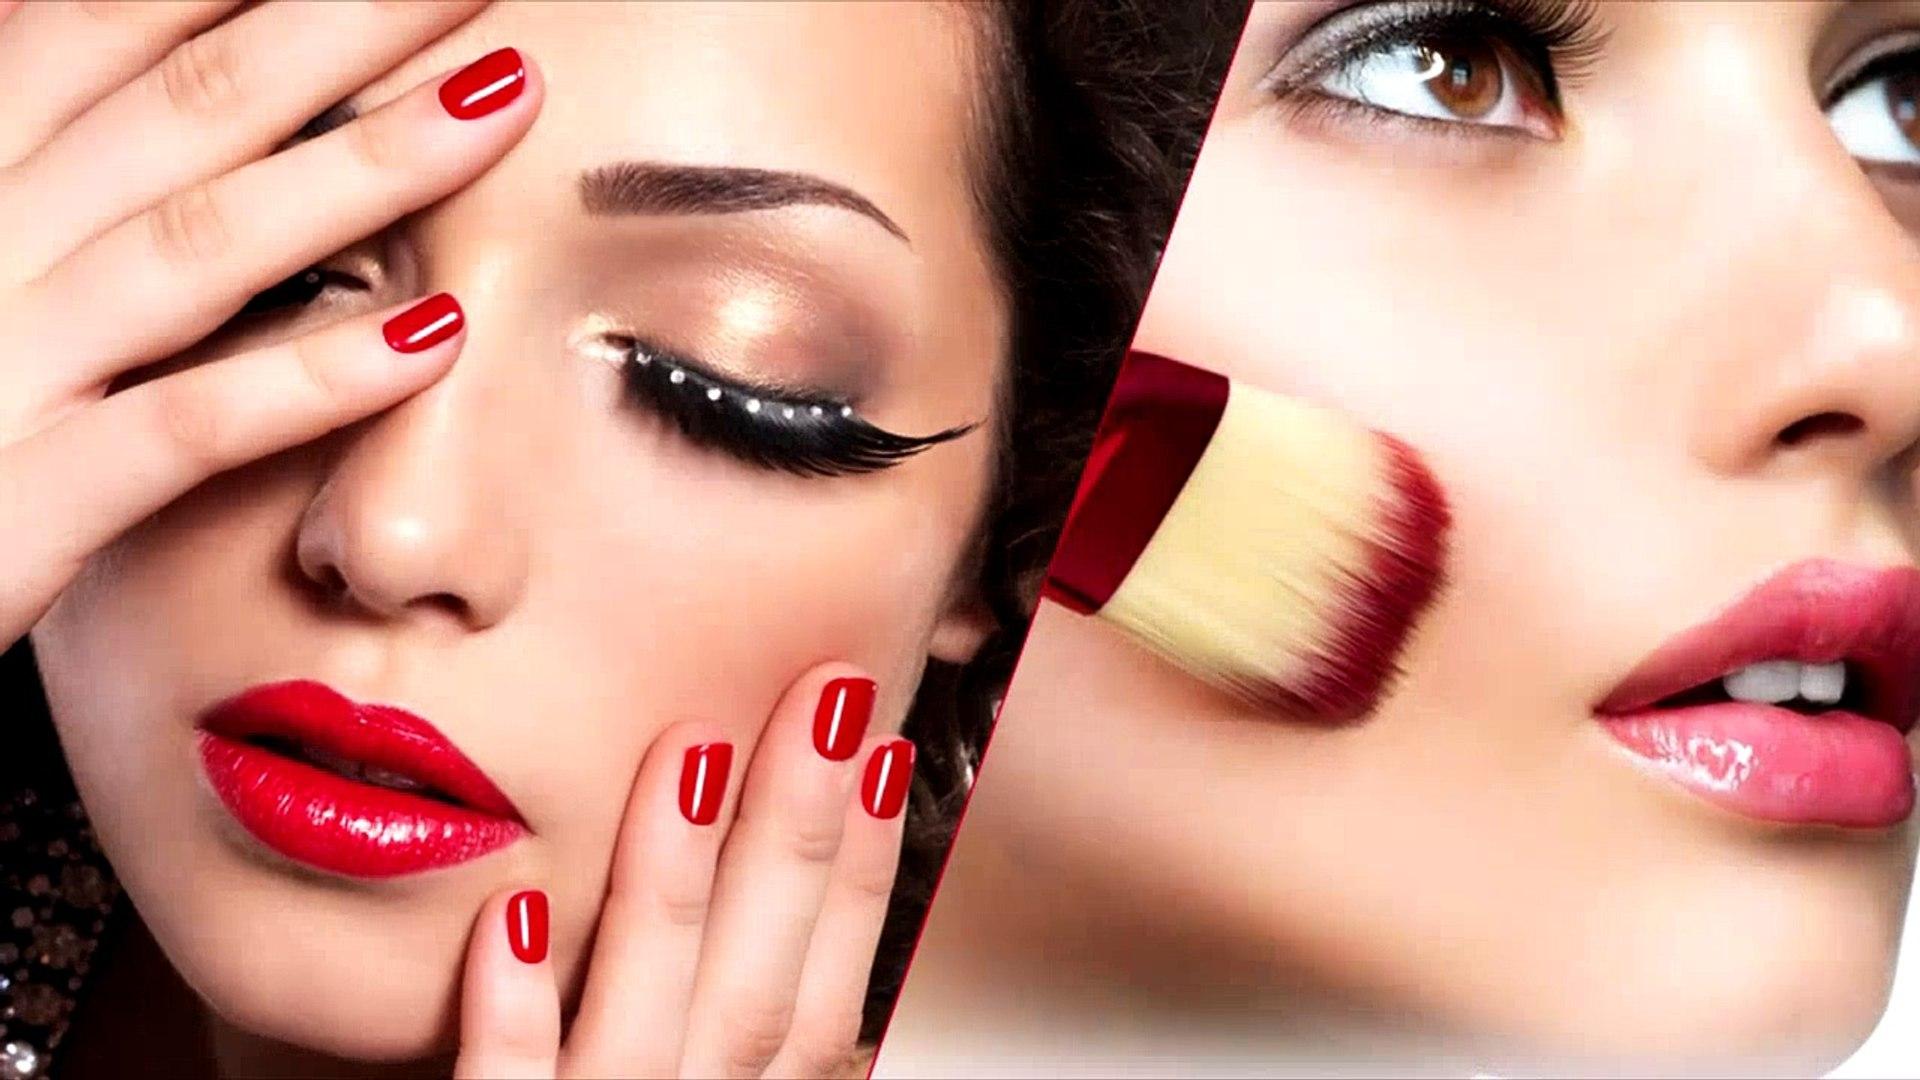 Purvi's Makeup Beauty Fashion & Health